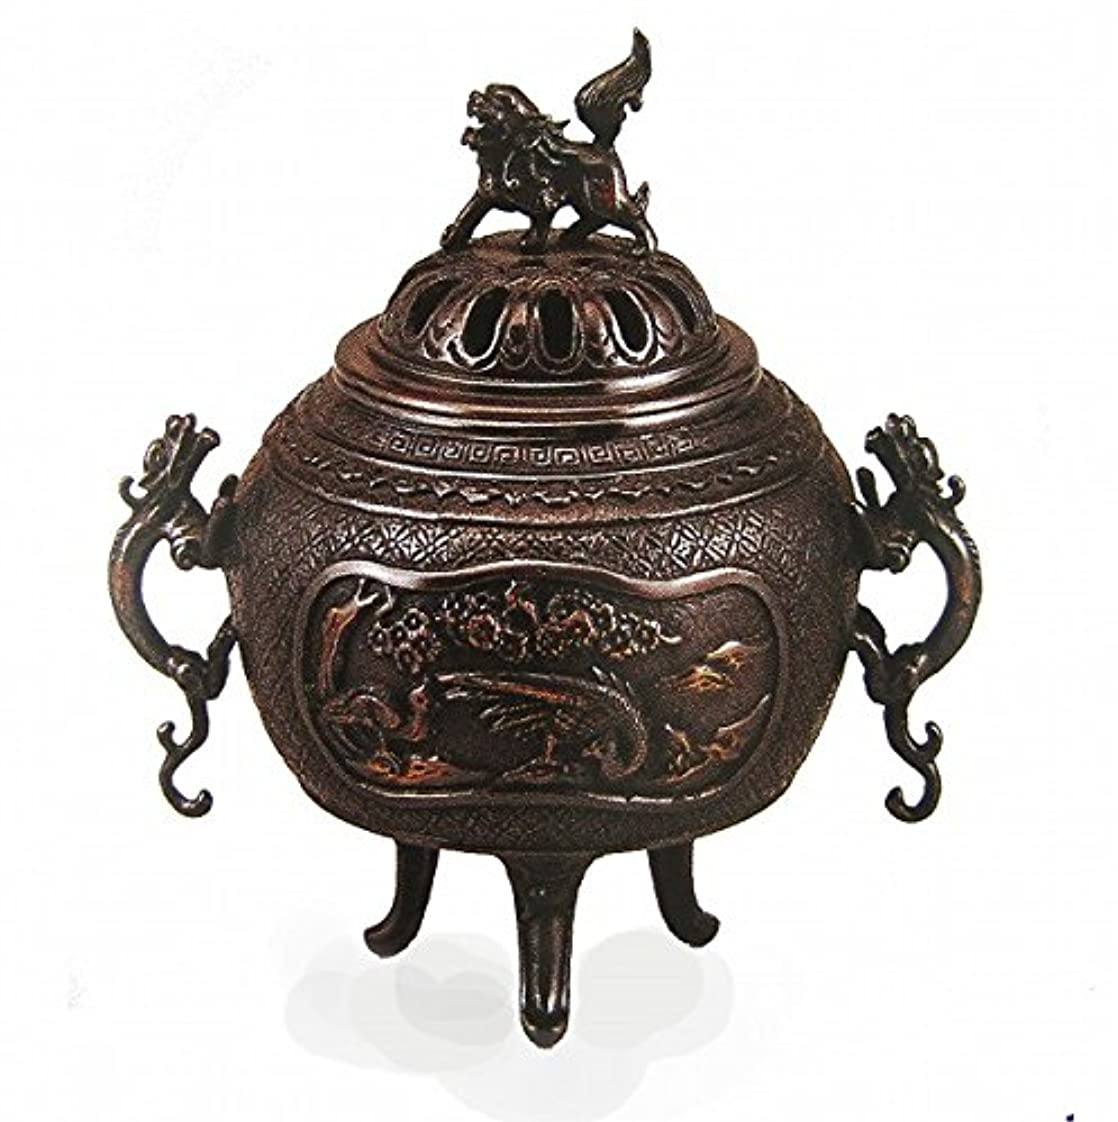 タワー洞察力のある道路を作るプロセス『花鳥香炉』銅製